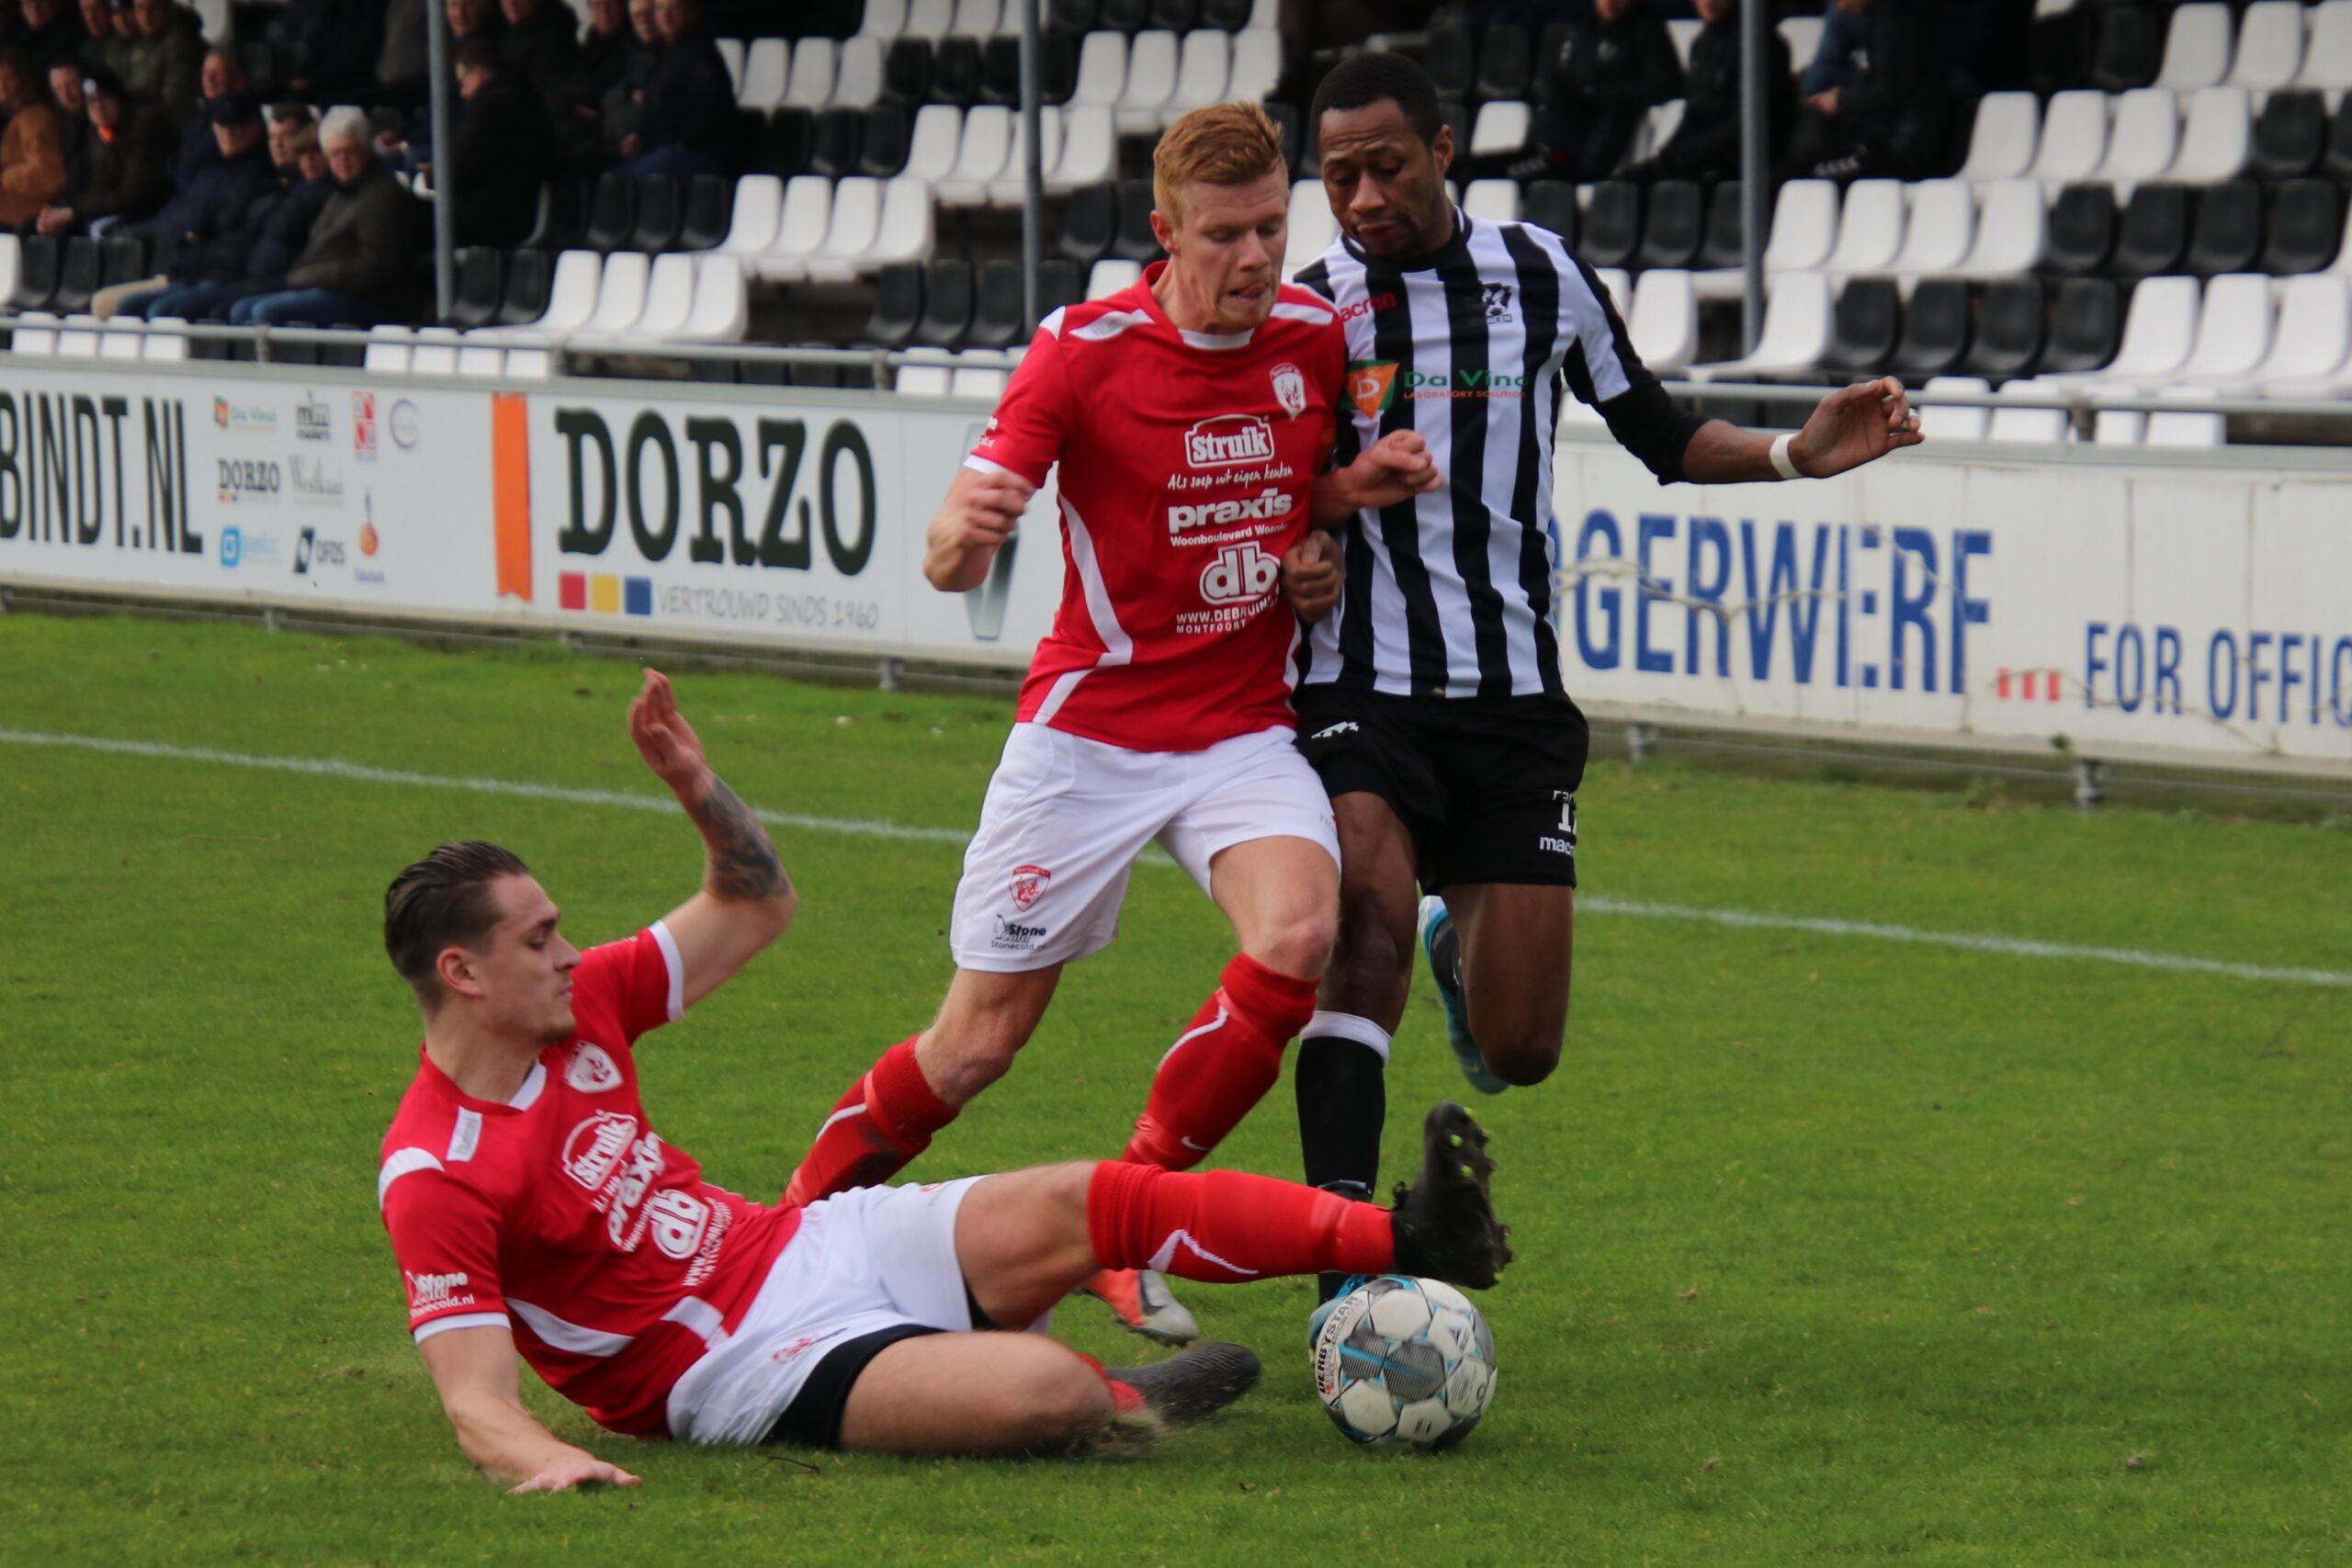 Sportlust - Zwaluwen - Arie Verhagen - Nick Verhagen